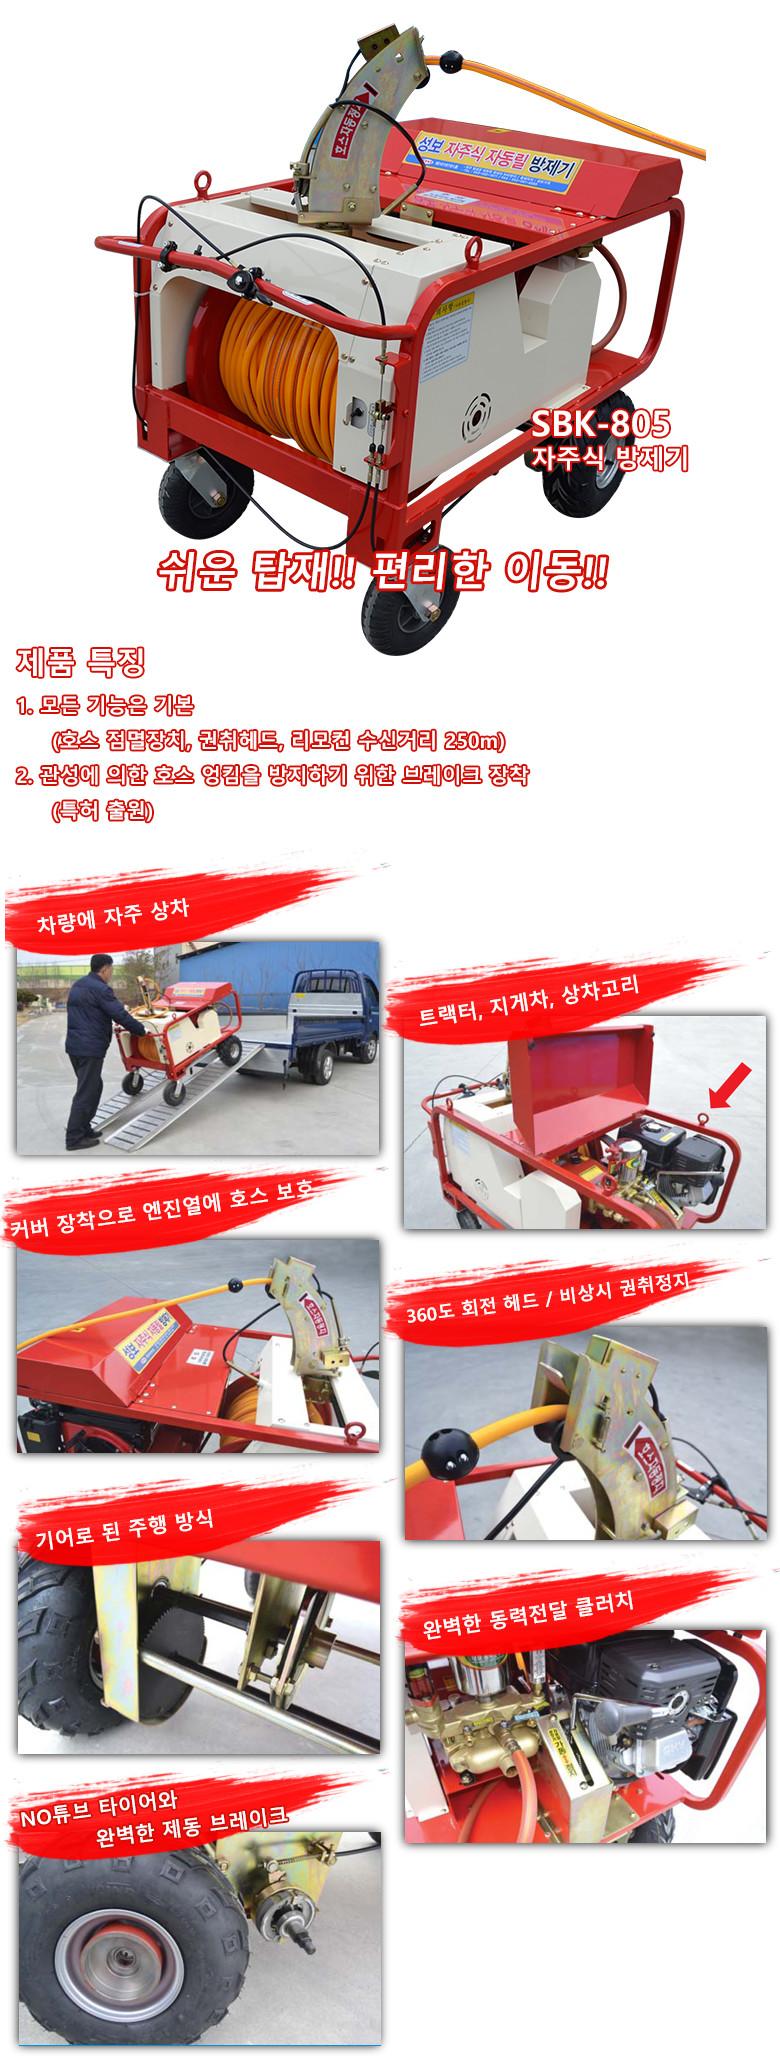 성보기계 자주식 자동릴 방제기 SBK-805